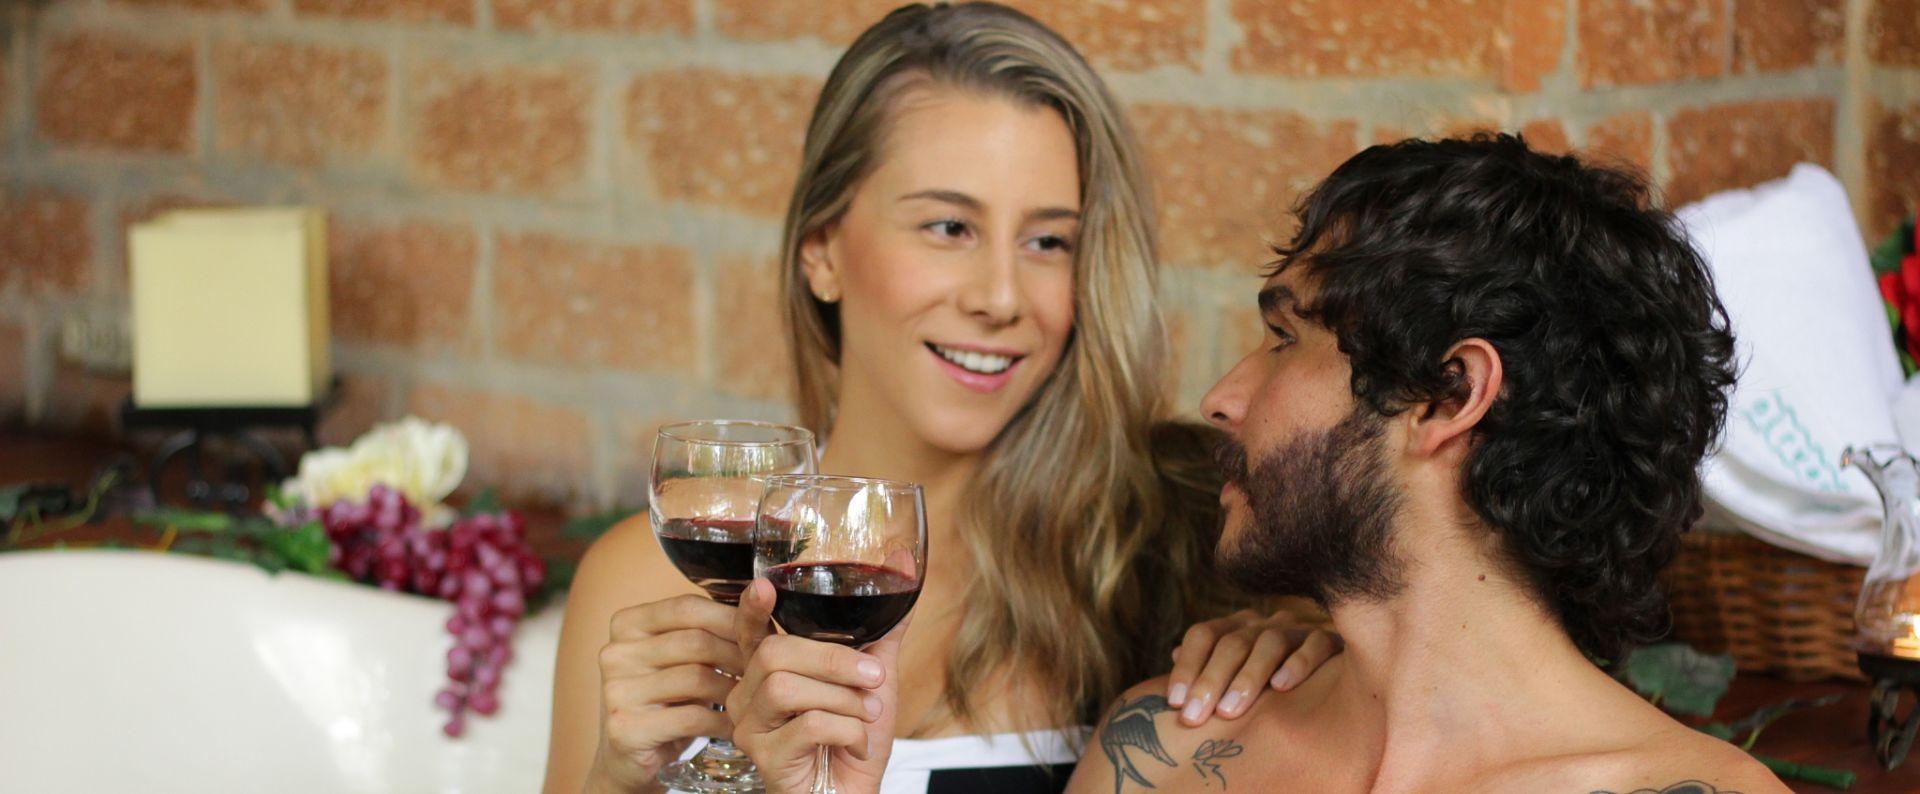 ideas para aniversario de novios